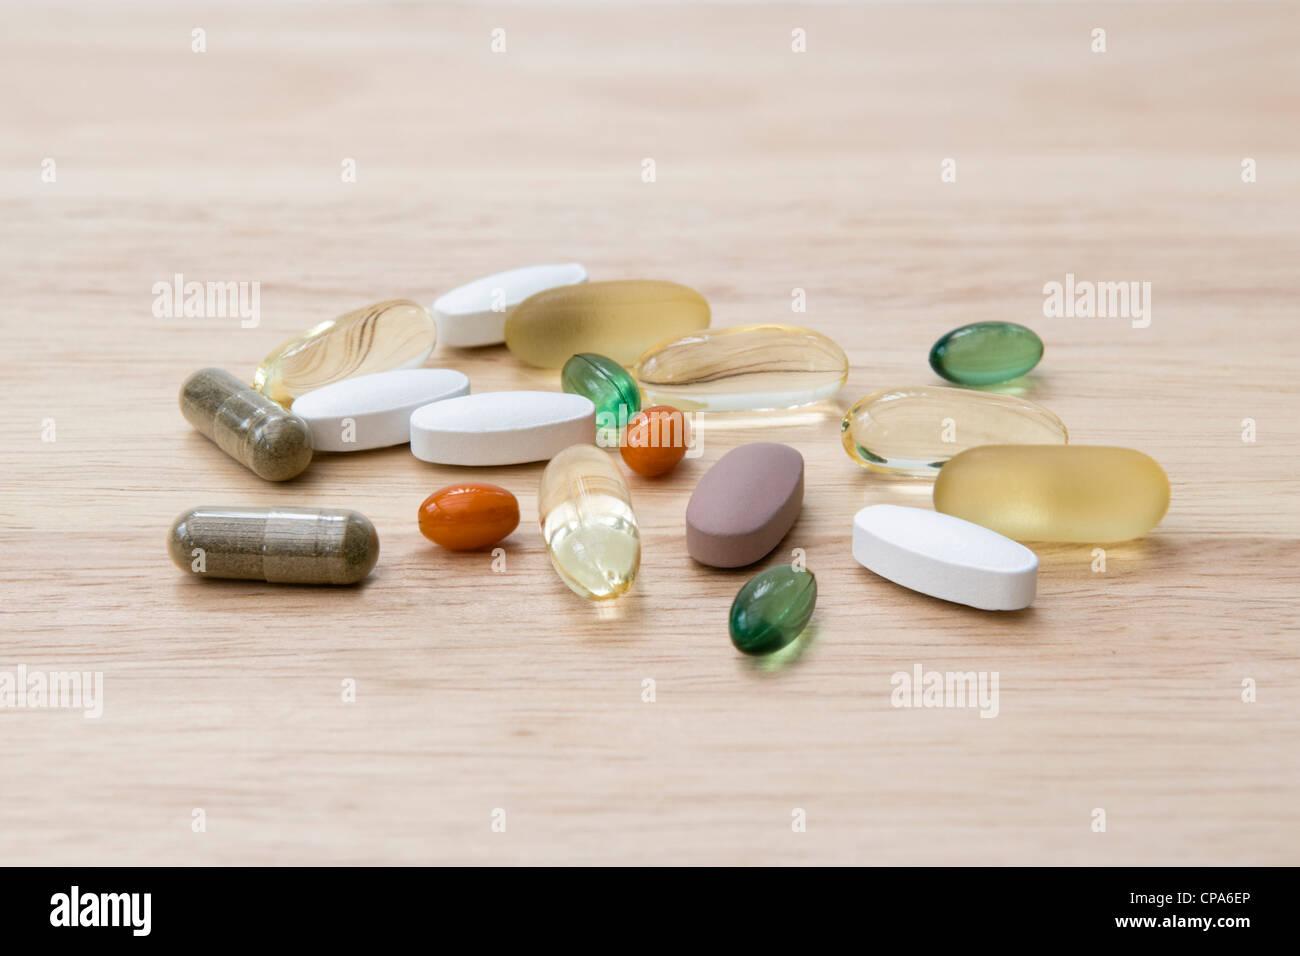 Selección de suplementos vitamínicos (omega 3, la coenzima Q10, menta, condroitina, ginkgo y ginseng) Imagen De Stock